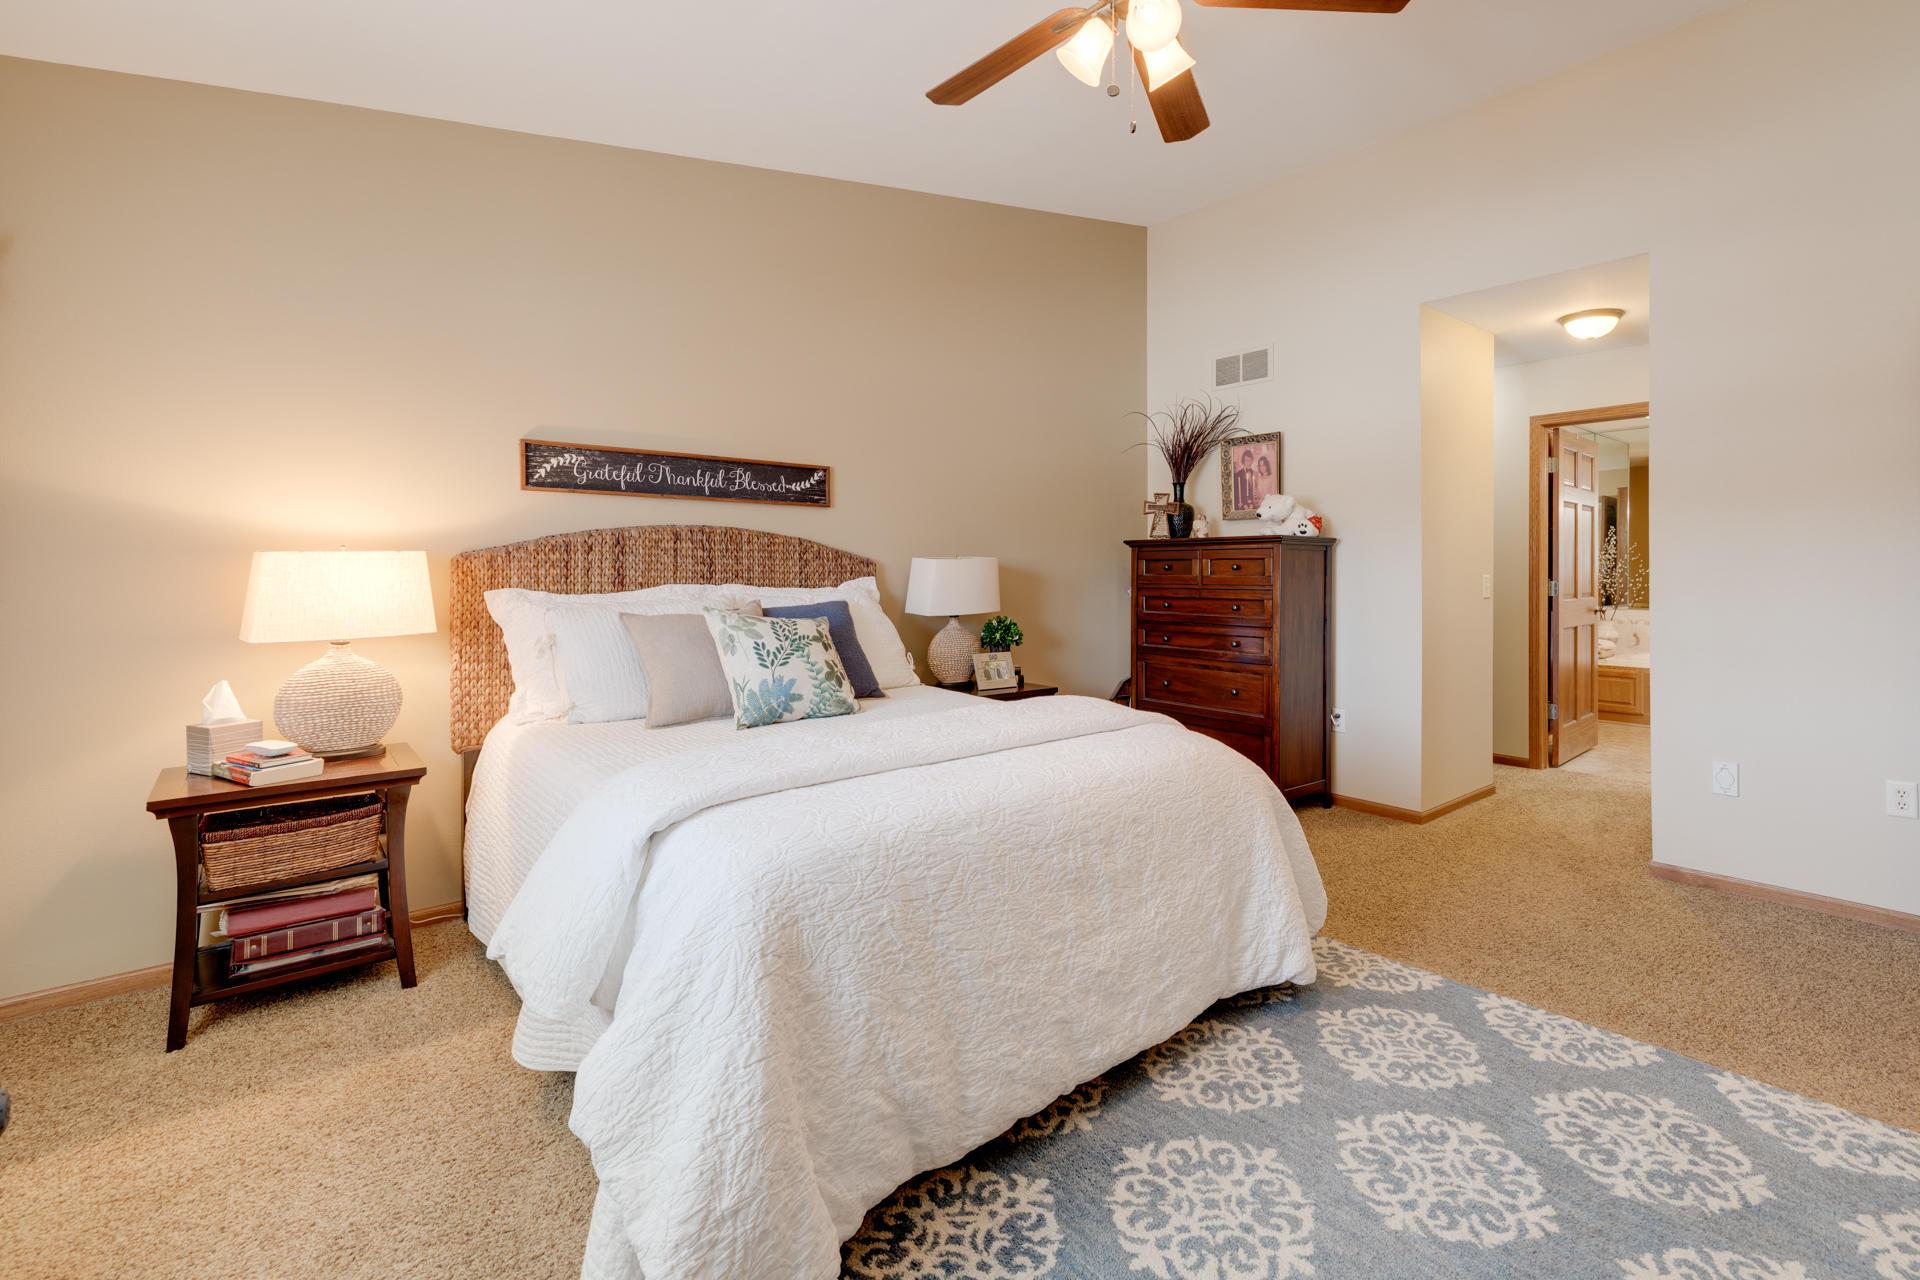 3424 Caleb Ct, Barton, Wisconsin 53090, 2 Bedrooms Bedrooms, ,2 BathroomsBathrooms,Condominiums,For Sale,Caleb Ct,1,1677006